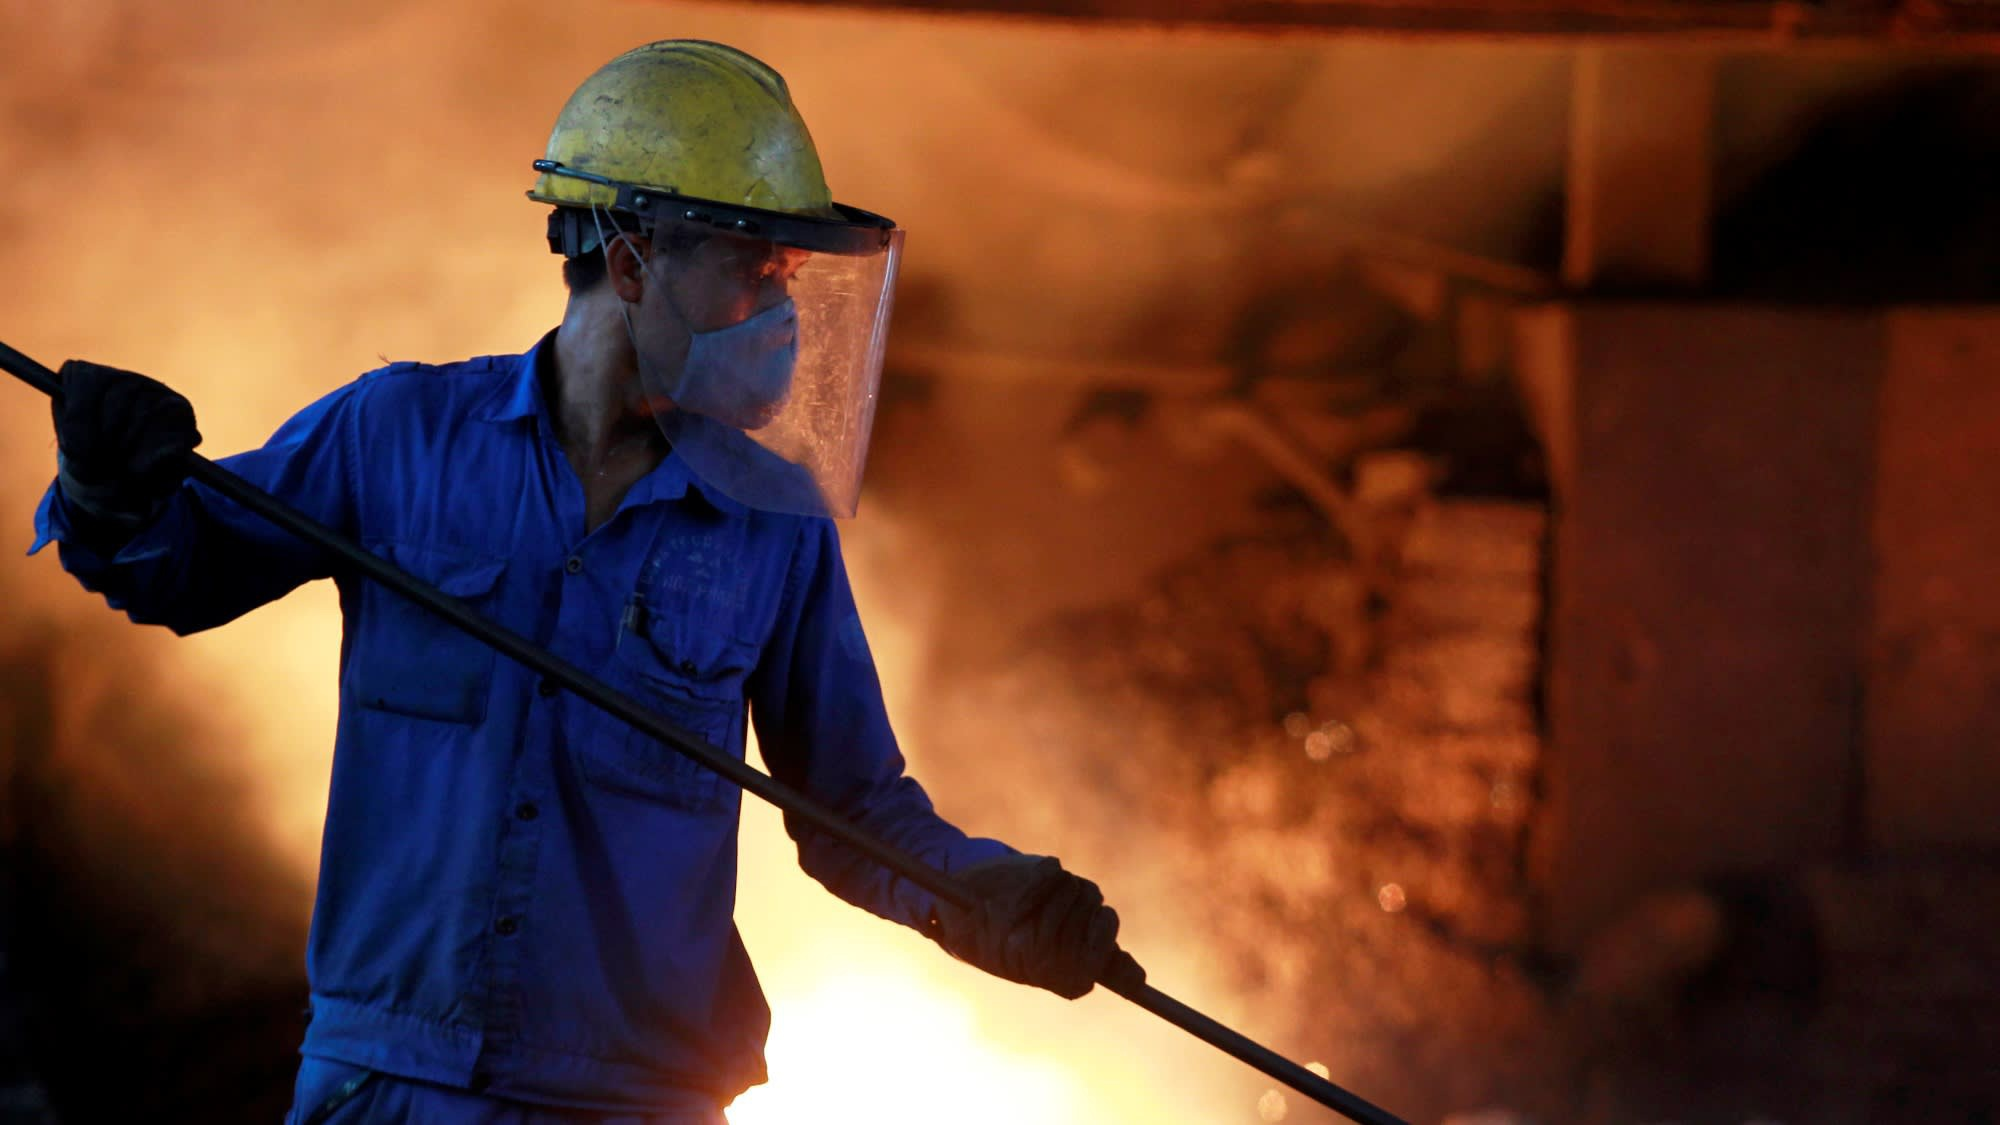 Trung Quốc bất ngờ tăng nhập khẩu thép, Việt Nam hưởng lợi